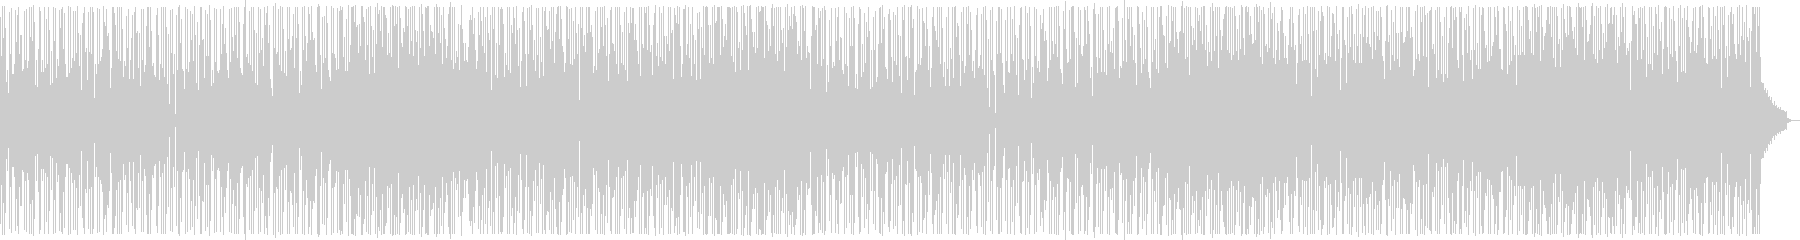 コミカルなファンキーオルガン:フルx2の未再生の波形